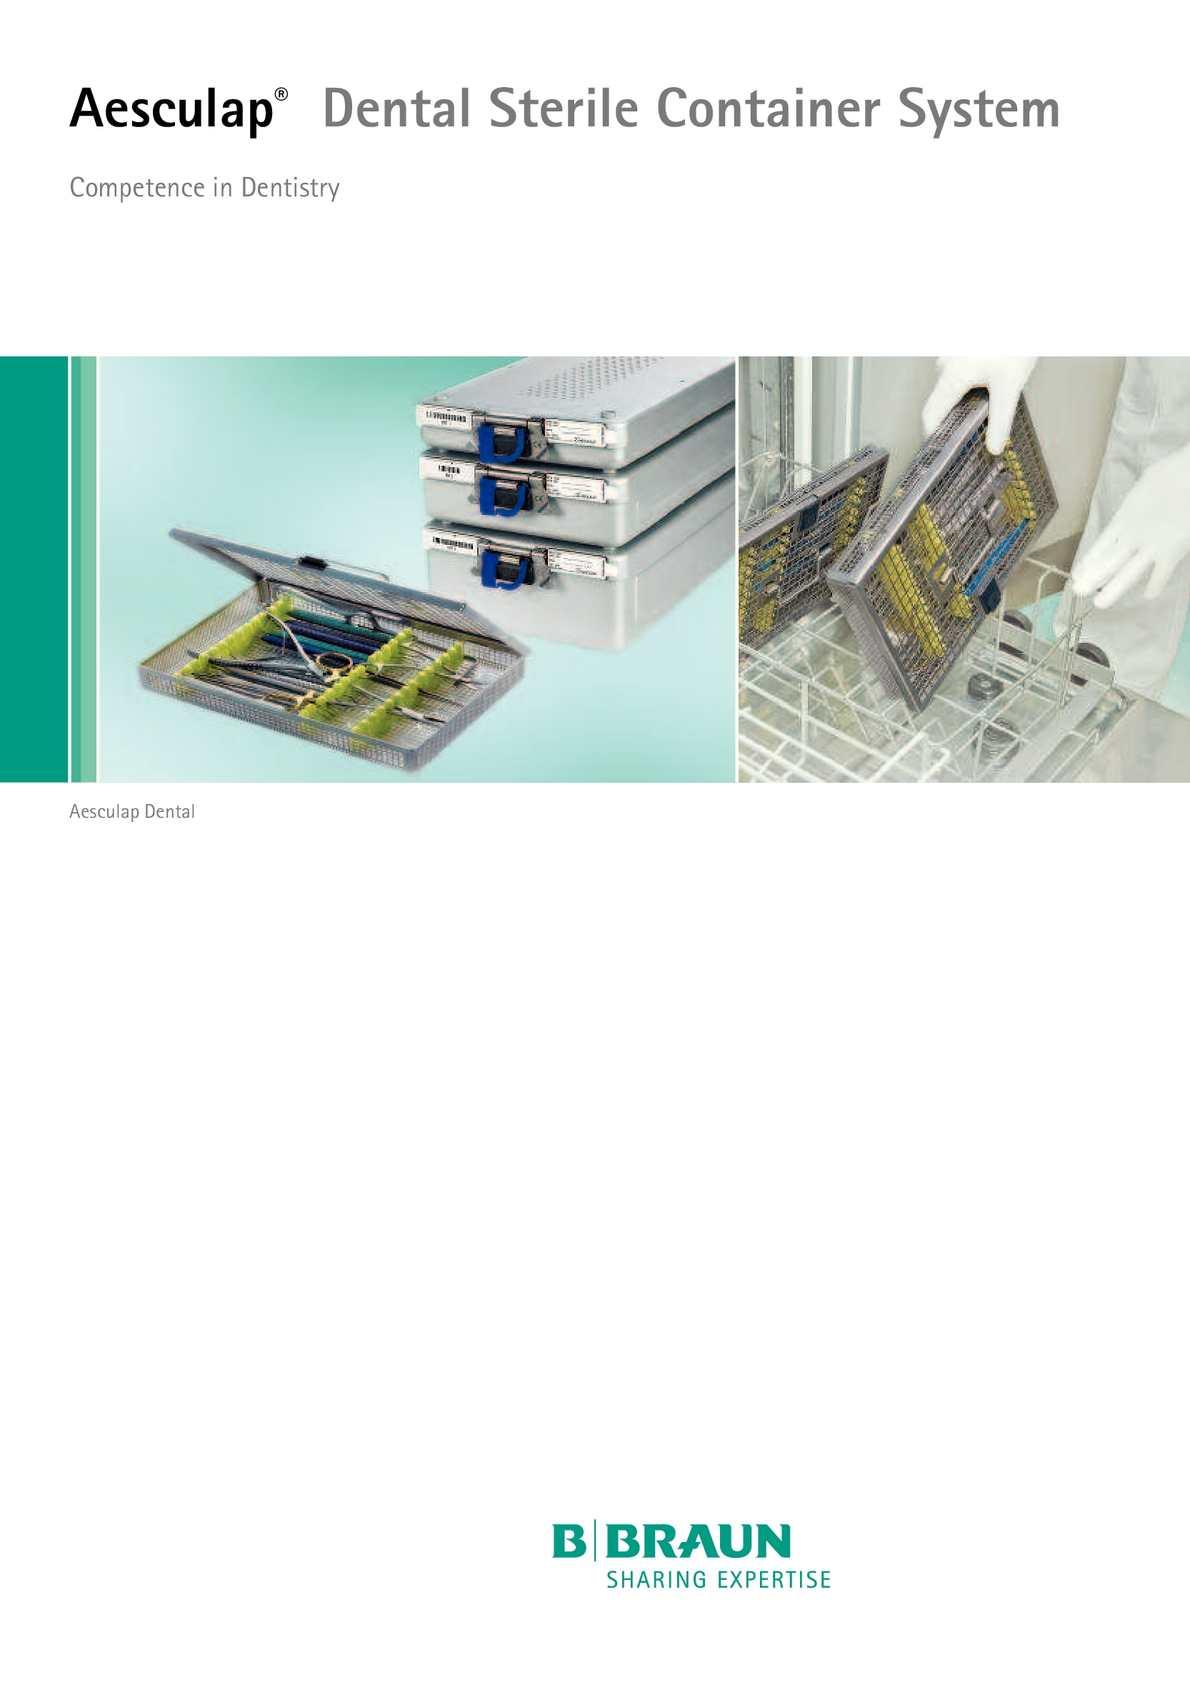 Calaméo - Esterilizacion Cajas y Containers Dental AESCULAP